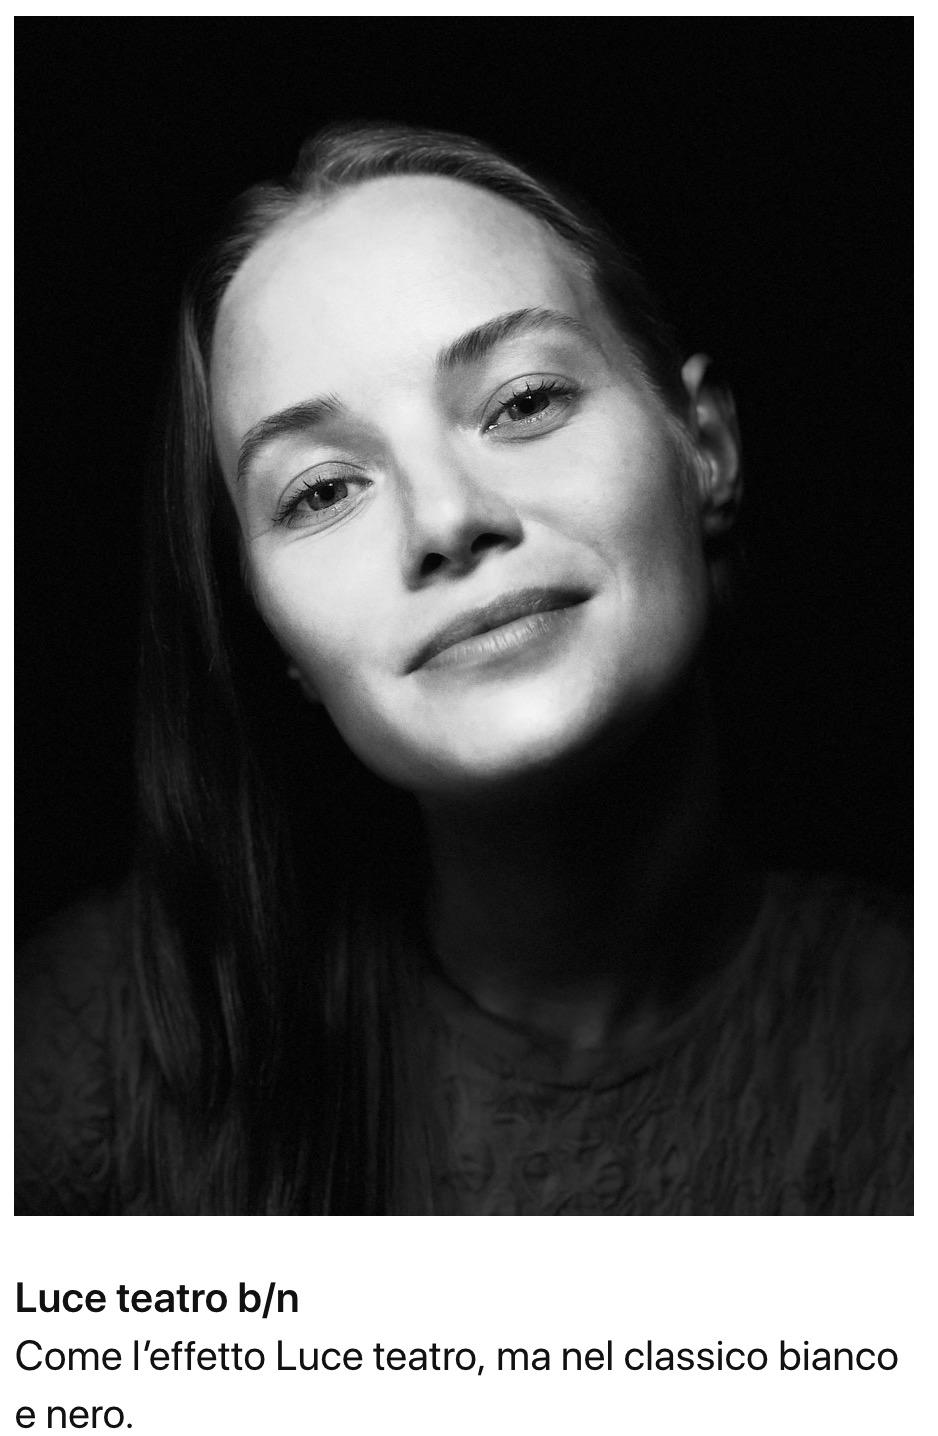 foto scattata con iphone 8 plus illuminazione ritratto luce teatro bianco e nero